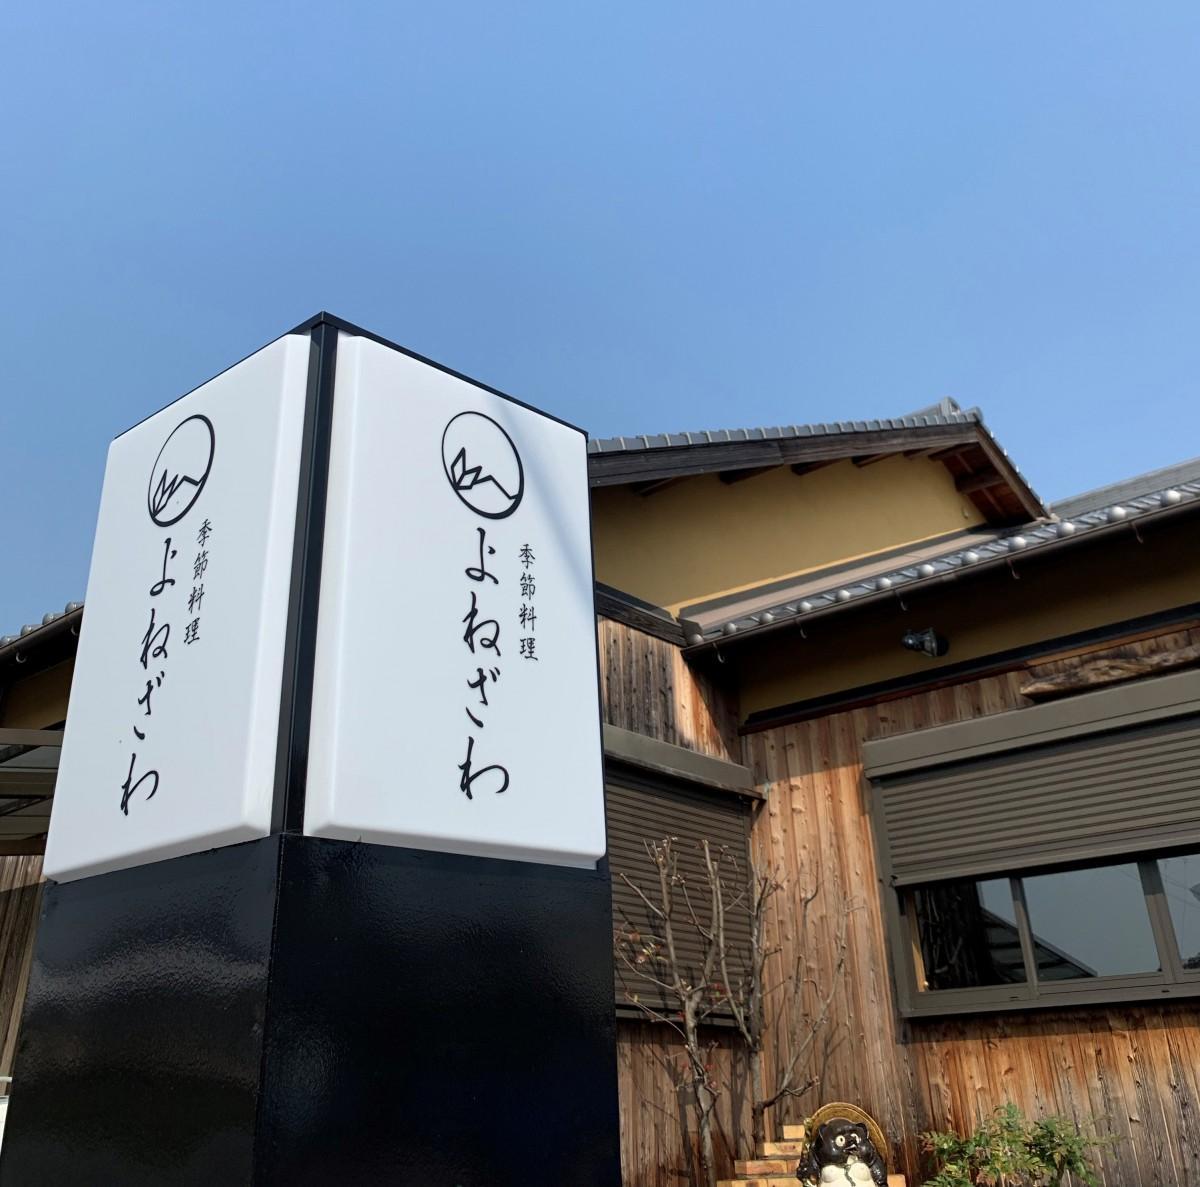 高砂経済新聞、年間のPV1位は「高砂に和食店『季節料理よねざわ』和食一筋30年の料理長、旬食材の料理提供」